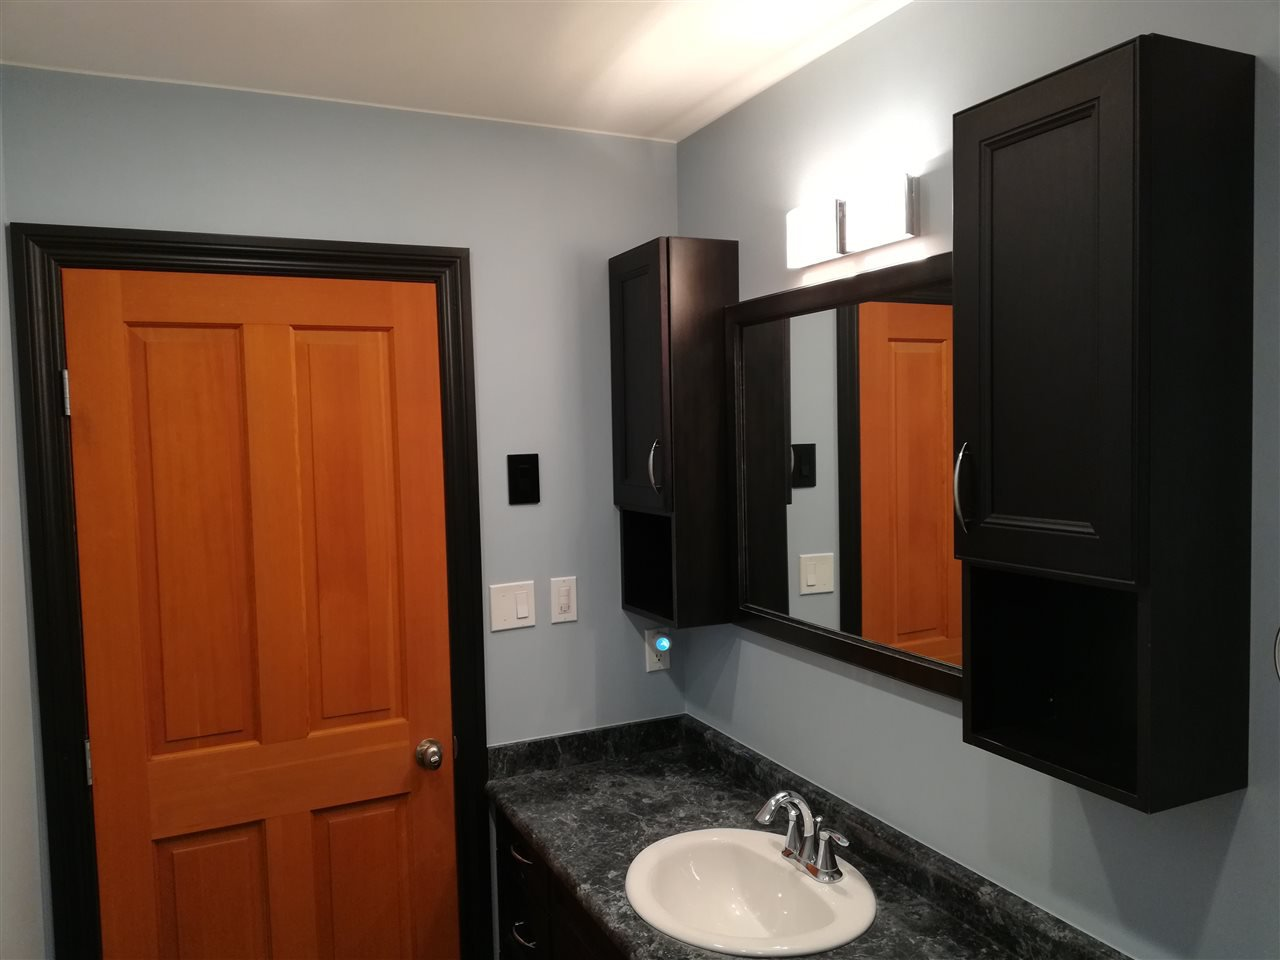 Photo 7: Photos: 8924 98 Avenue in Fort St. John: Fort St. John - City SE House for sale (Fort St. John (Zone 60))  : MLS®# R2383640